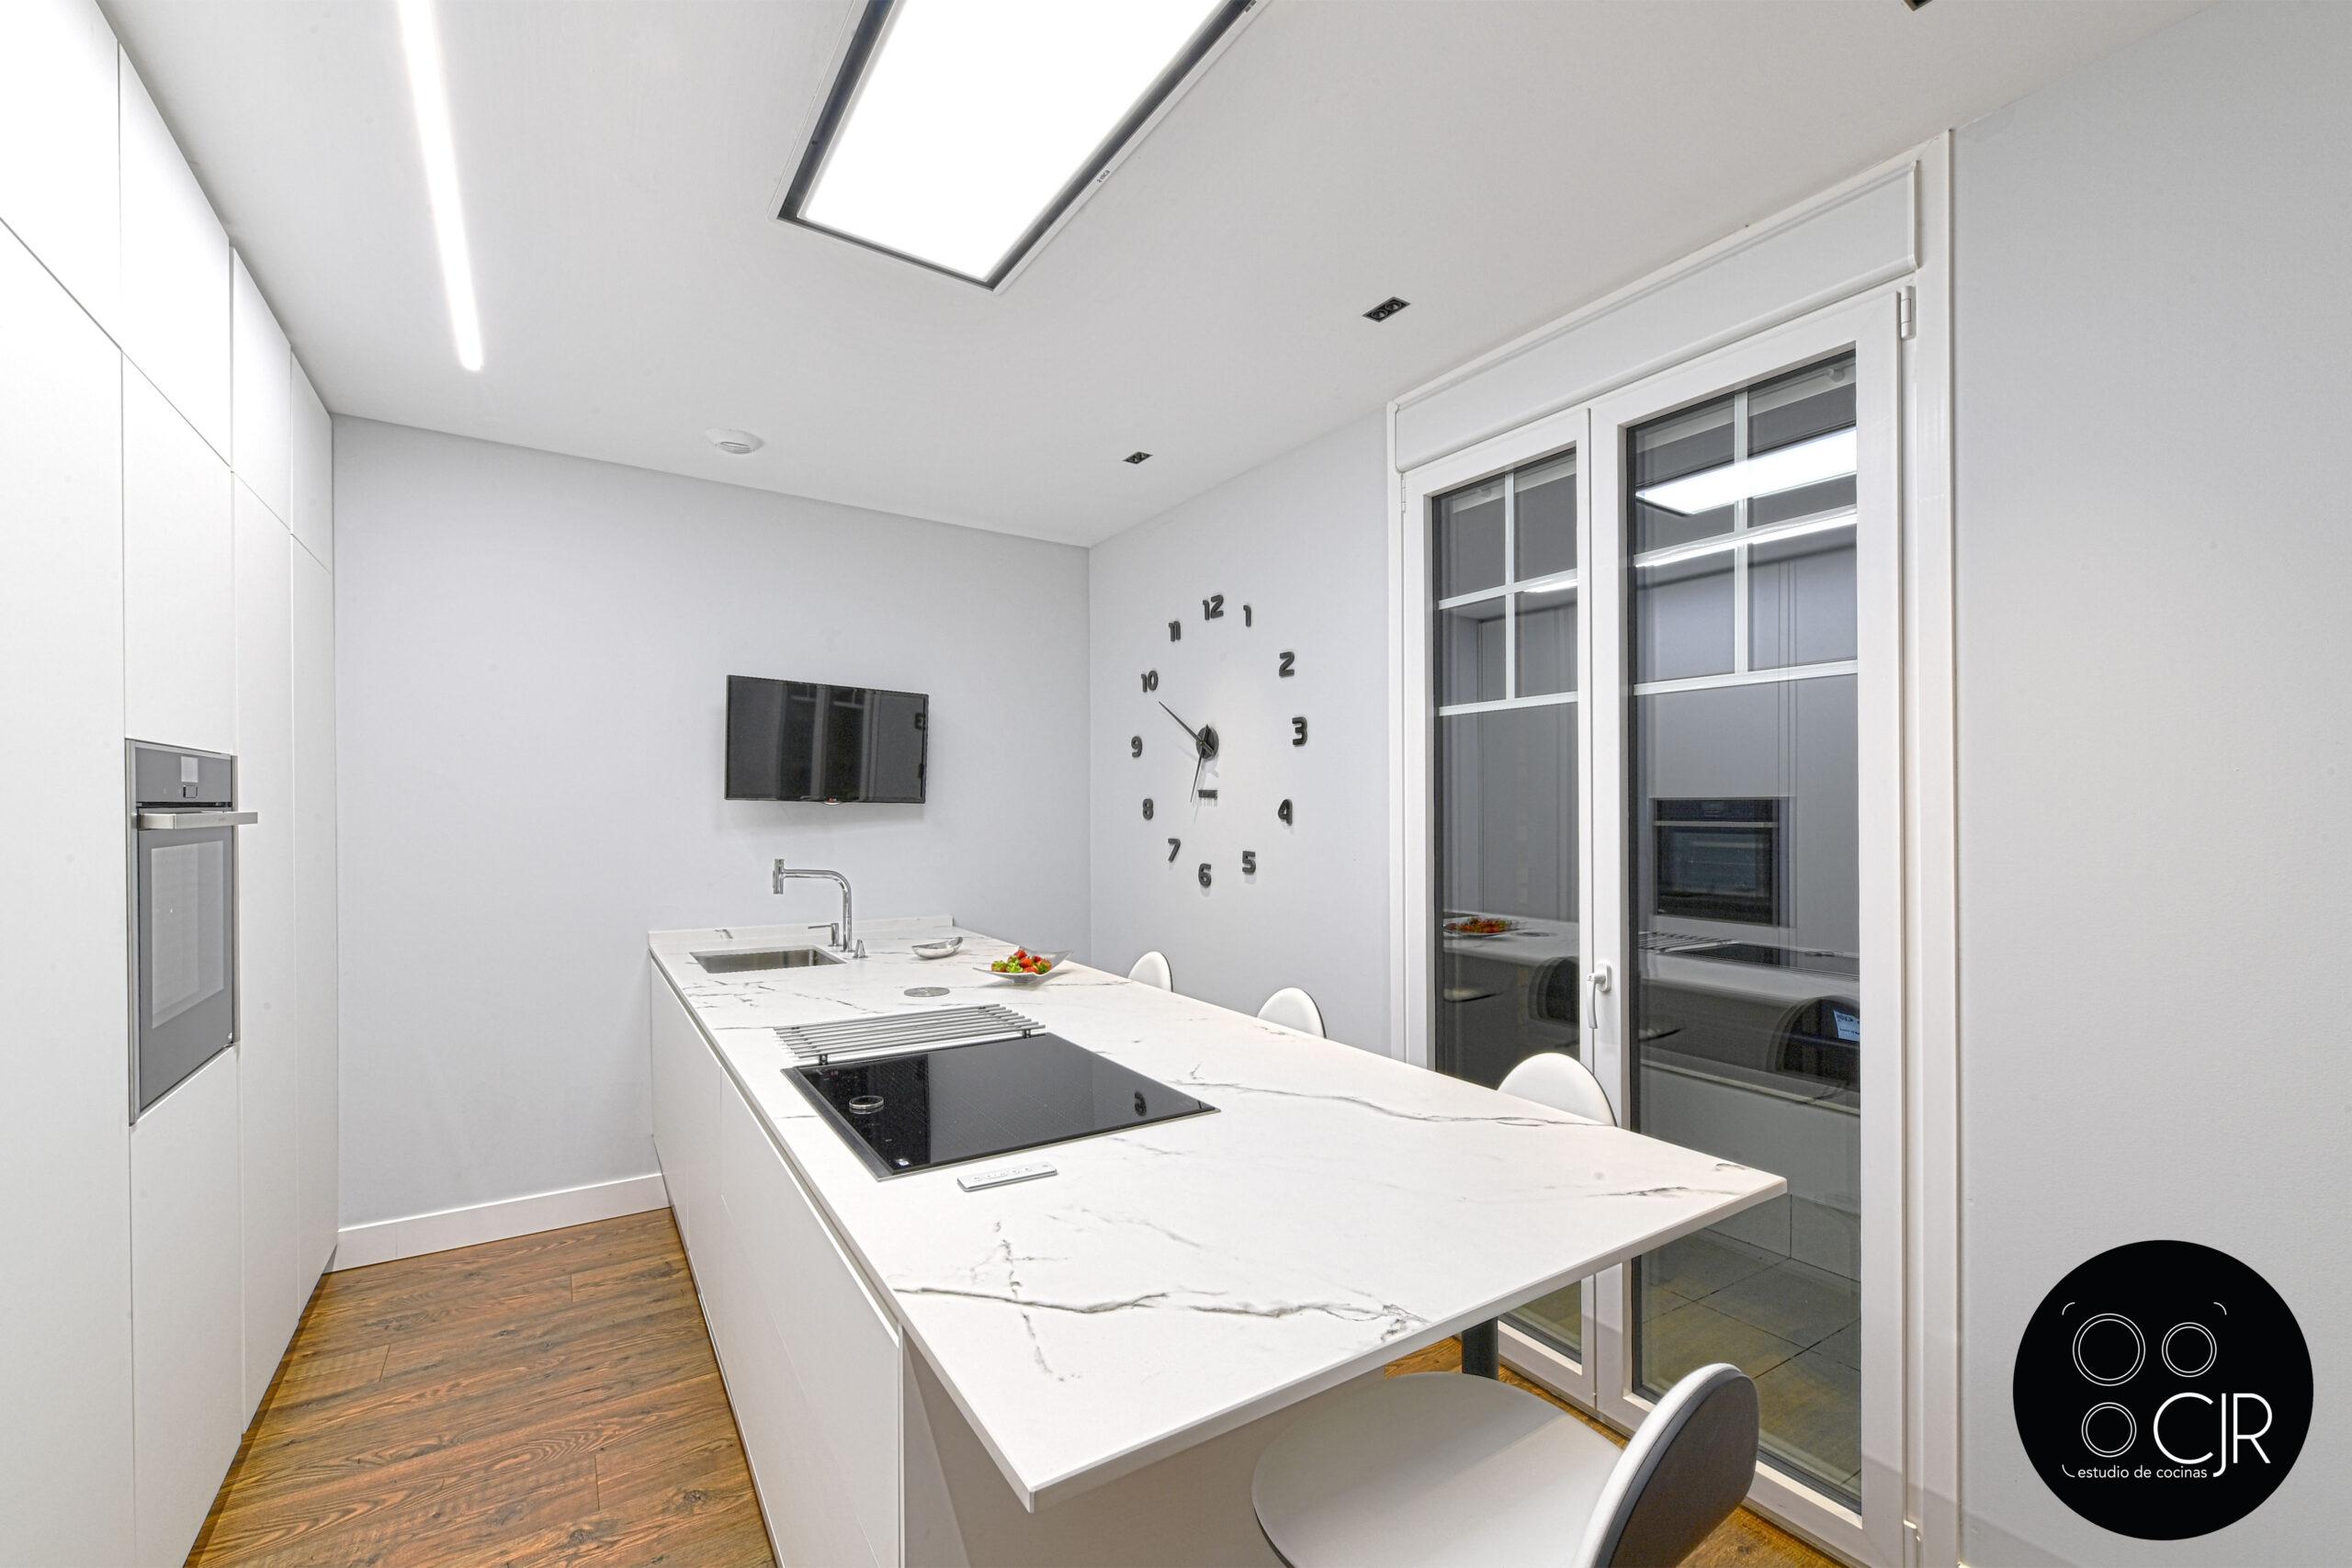 Vista de encimera y pared con ventana en cocina blanca mate sin tiradores